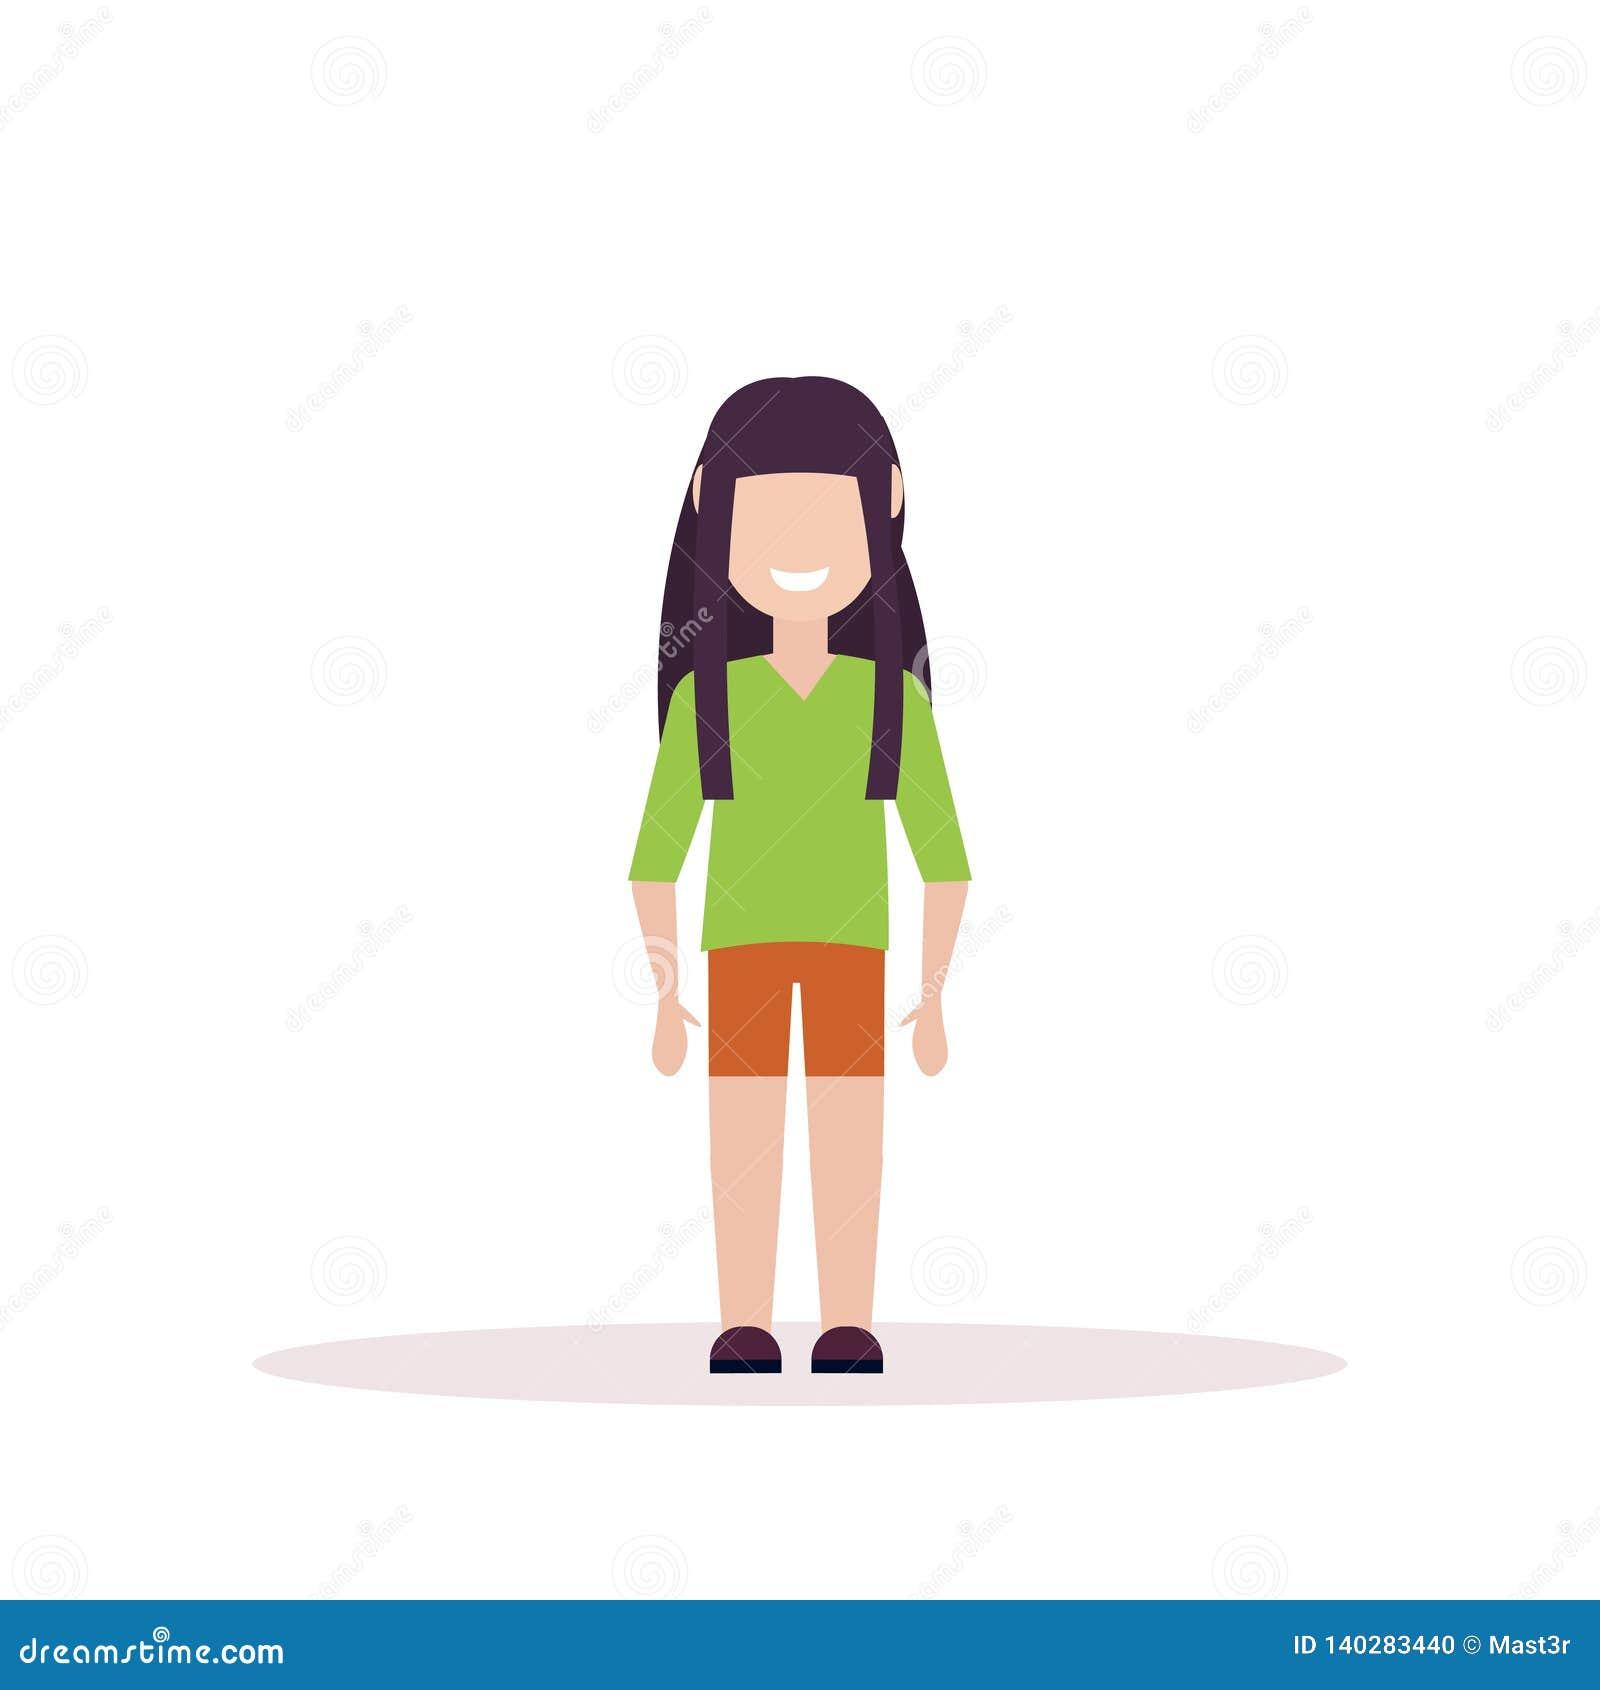 Happy Brunette Girl Standing Pose Little Child Female Cartoon